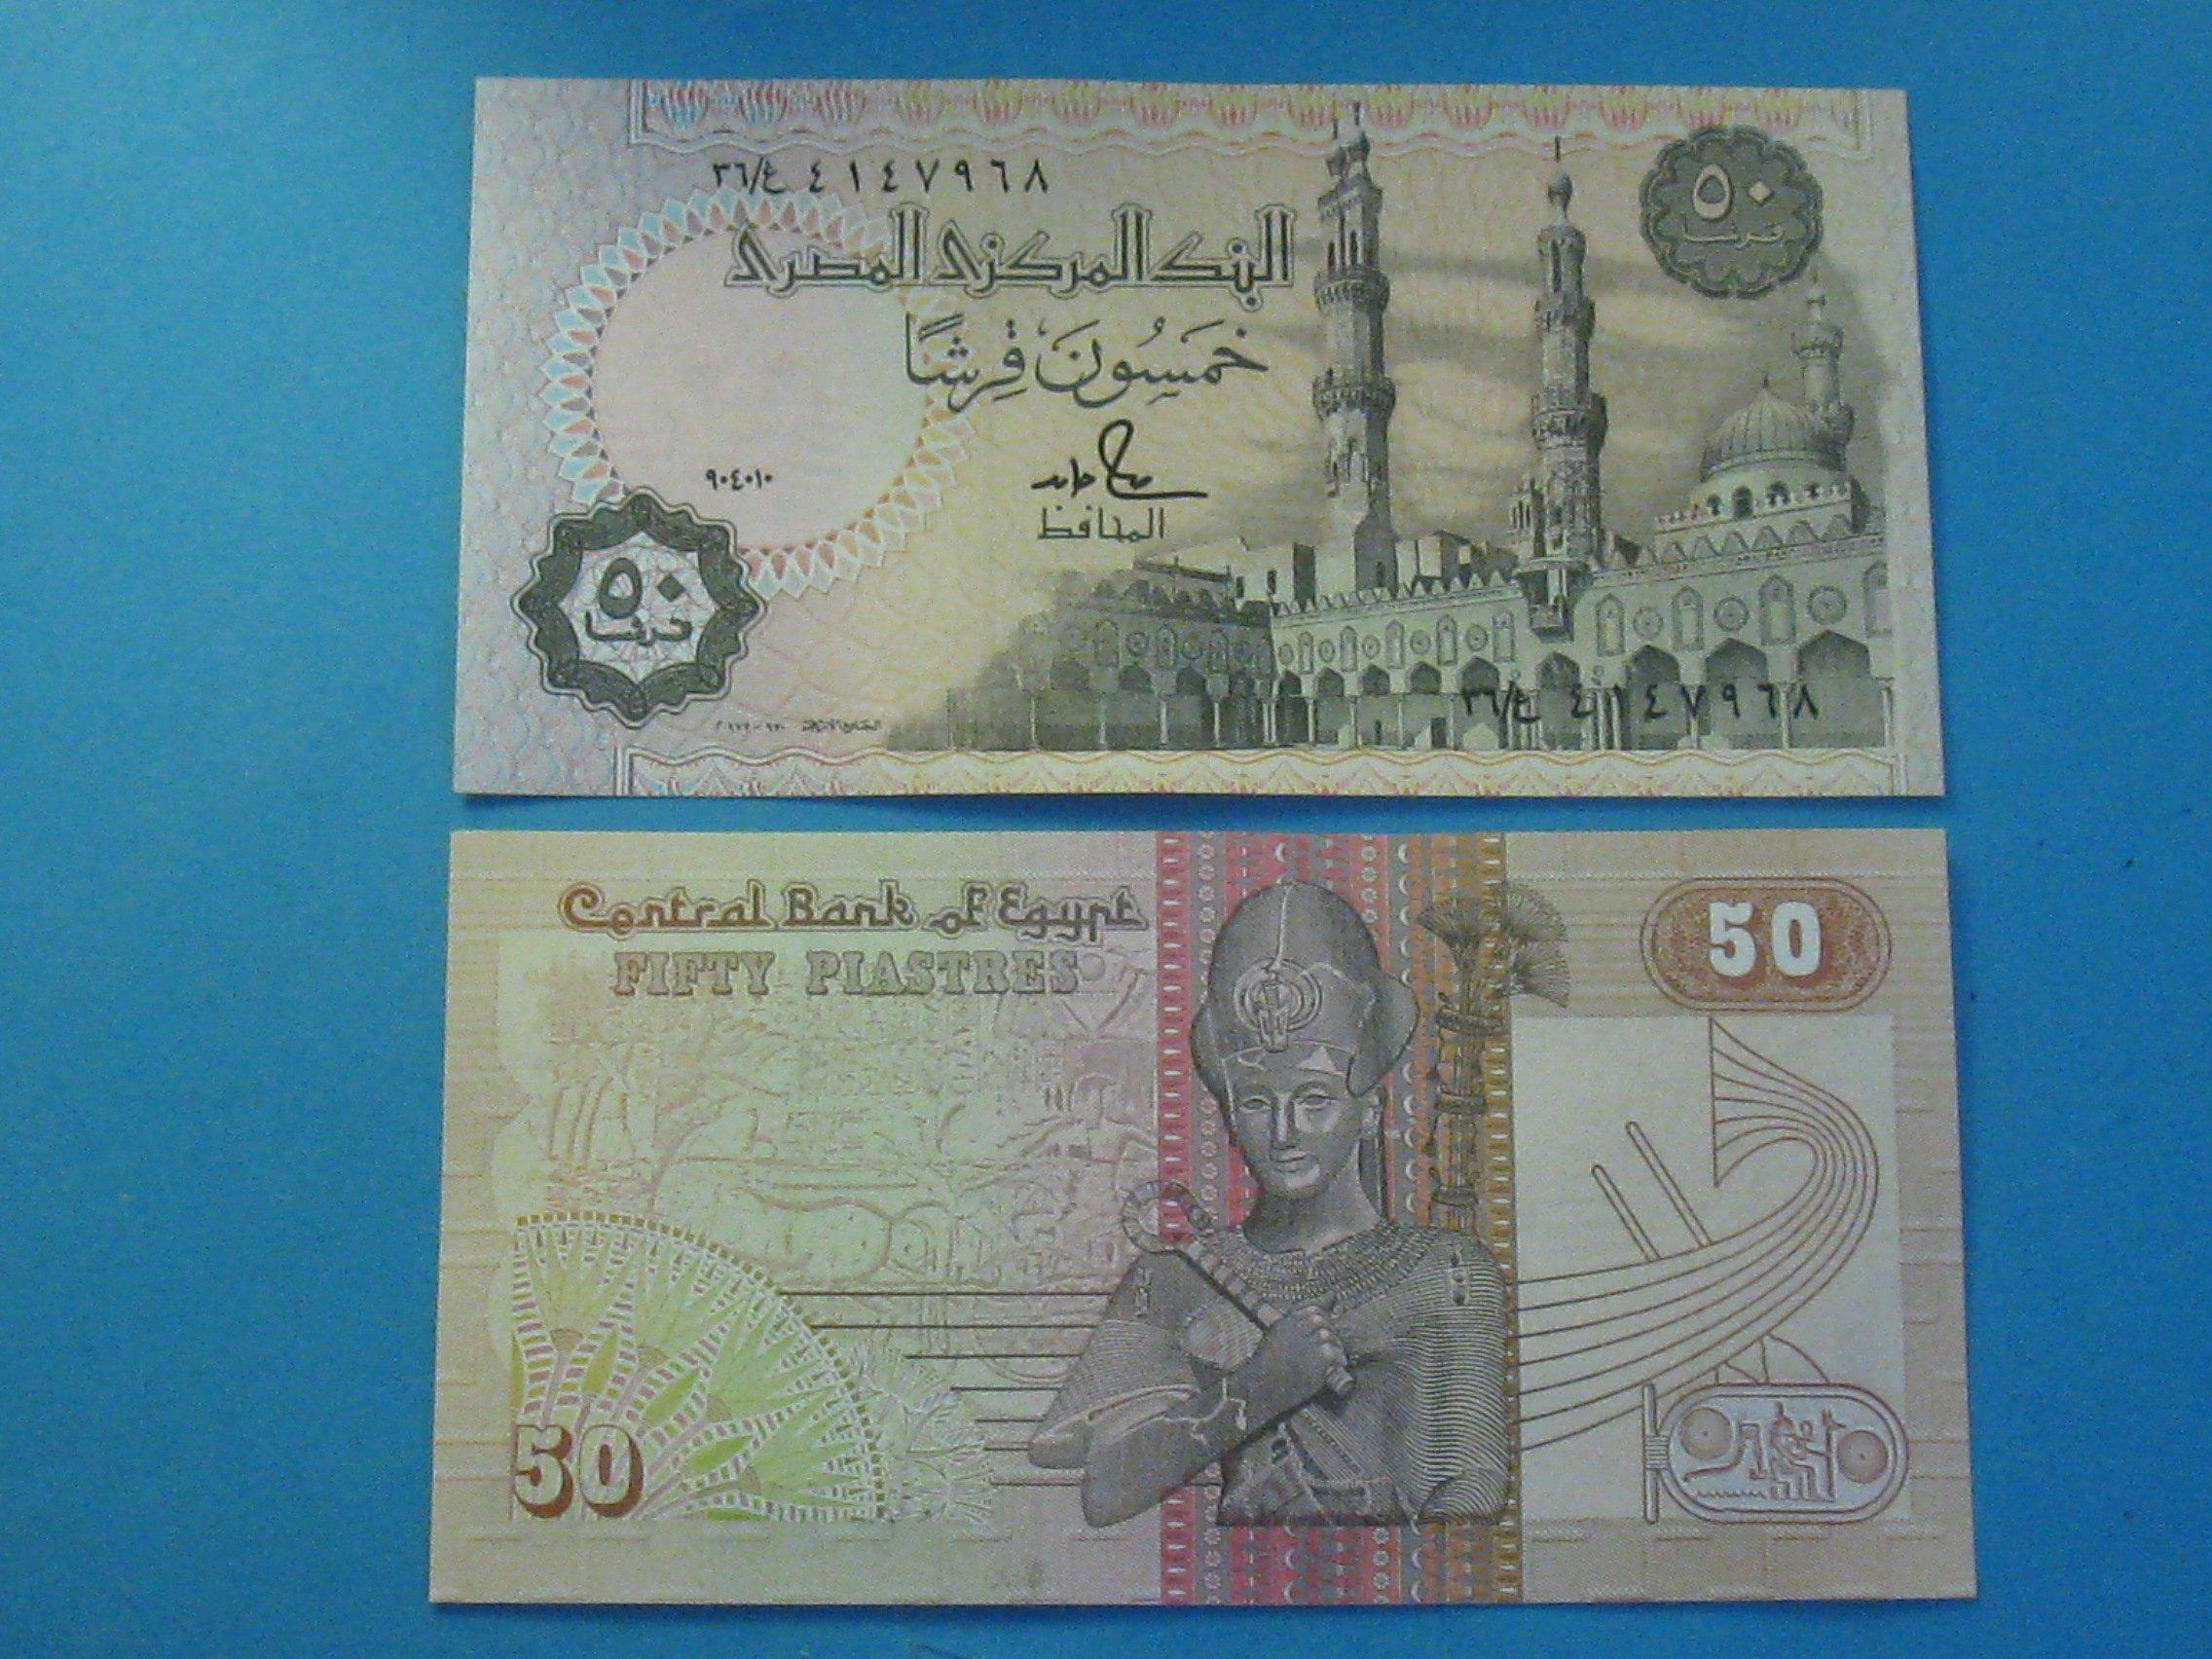 Egipt Banknot 50 Piastres 1990 P-58 UNC